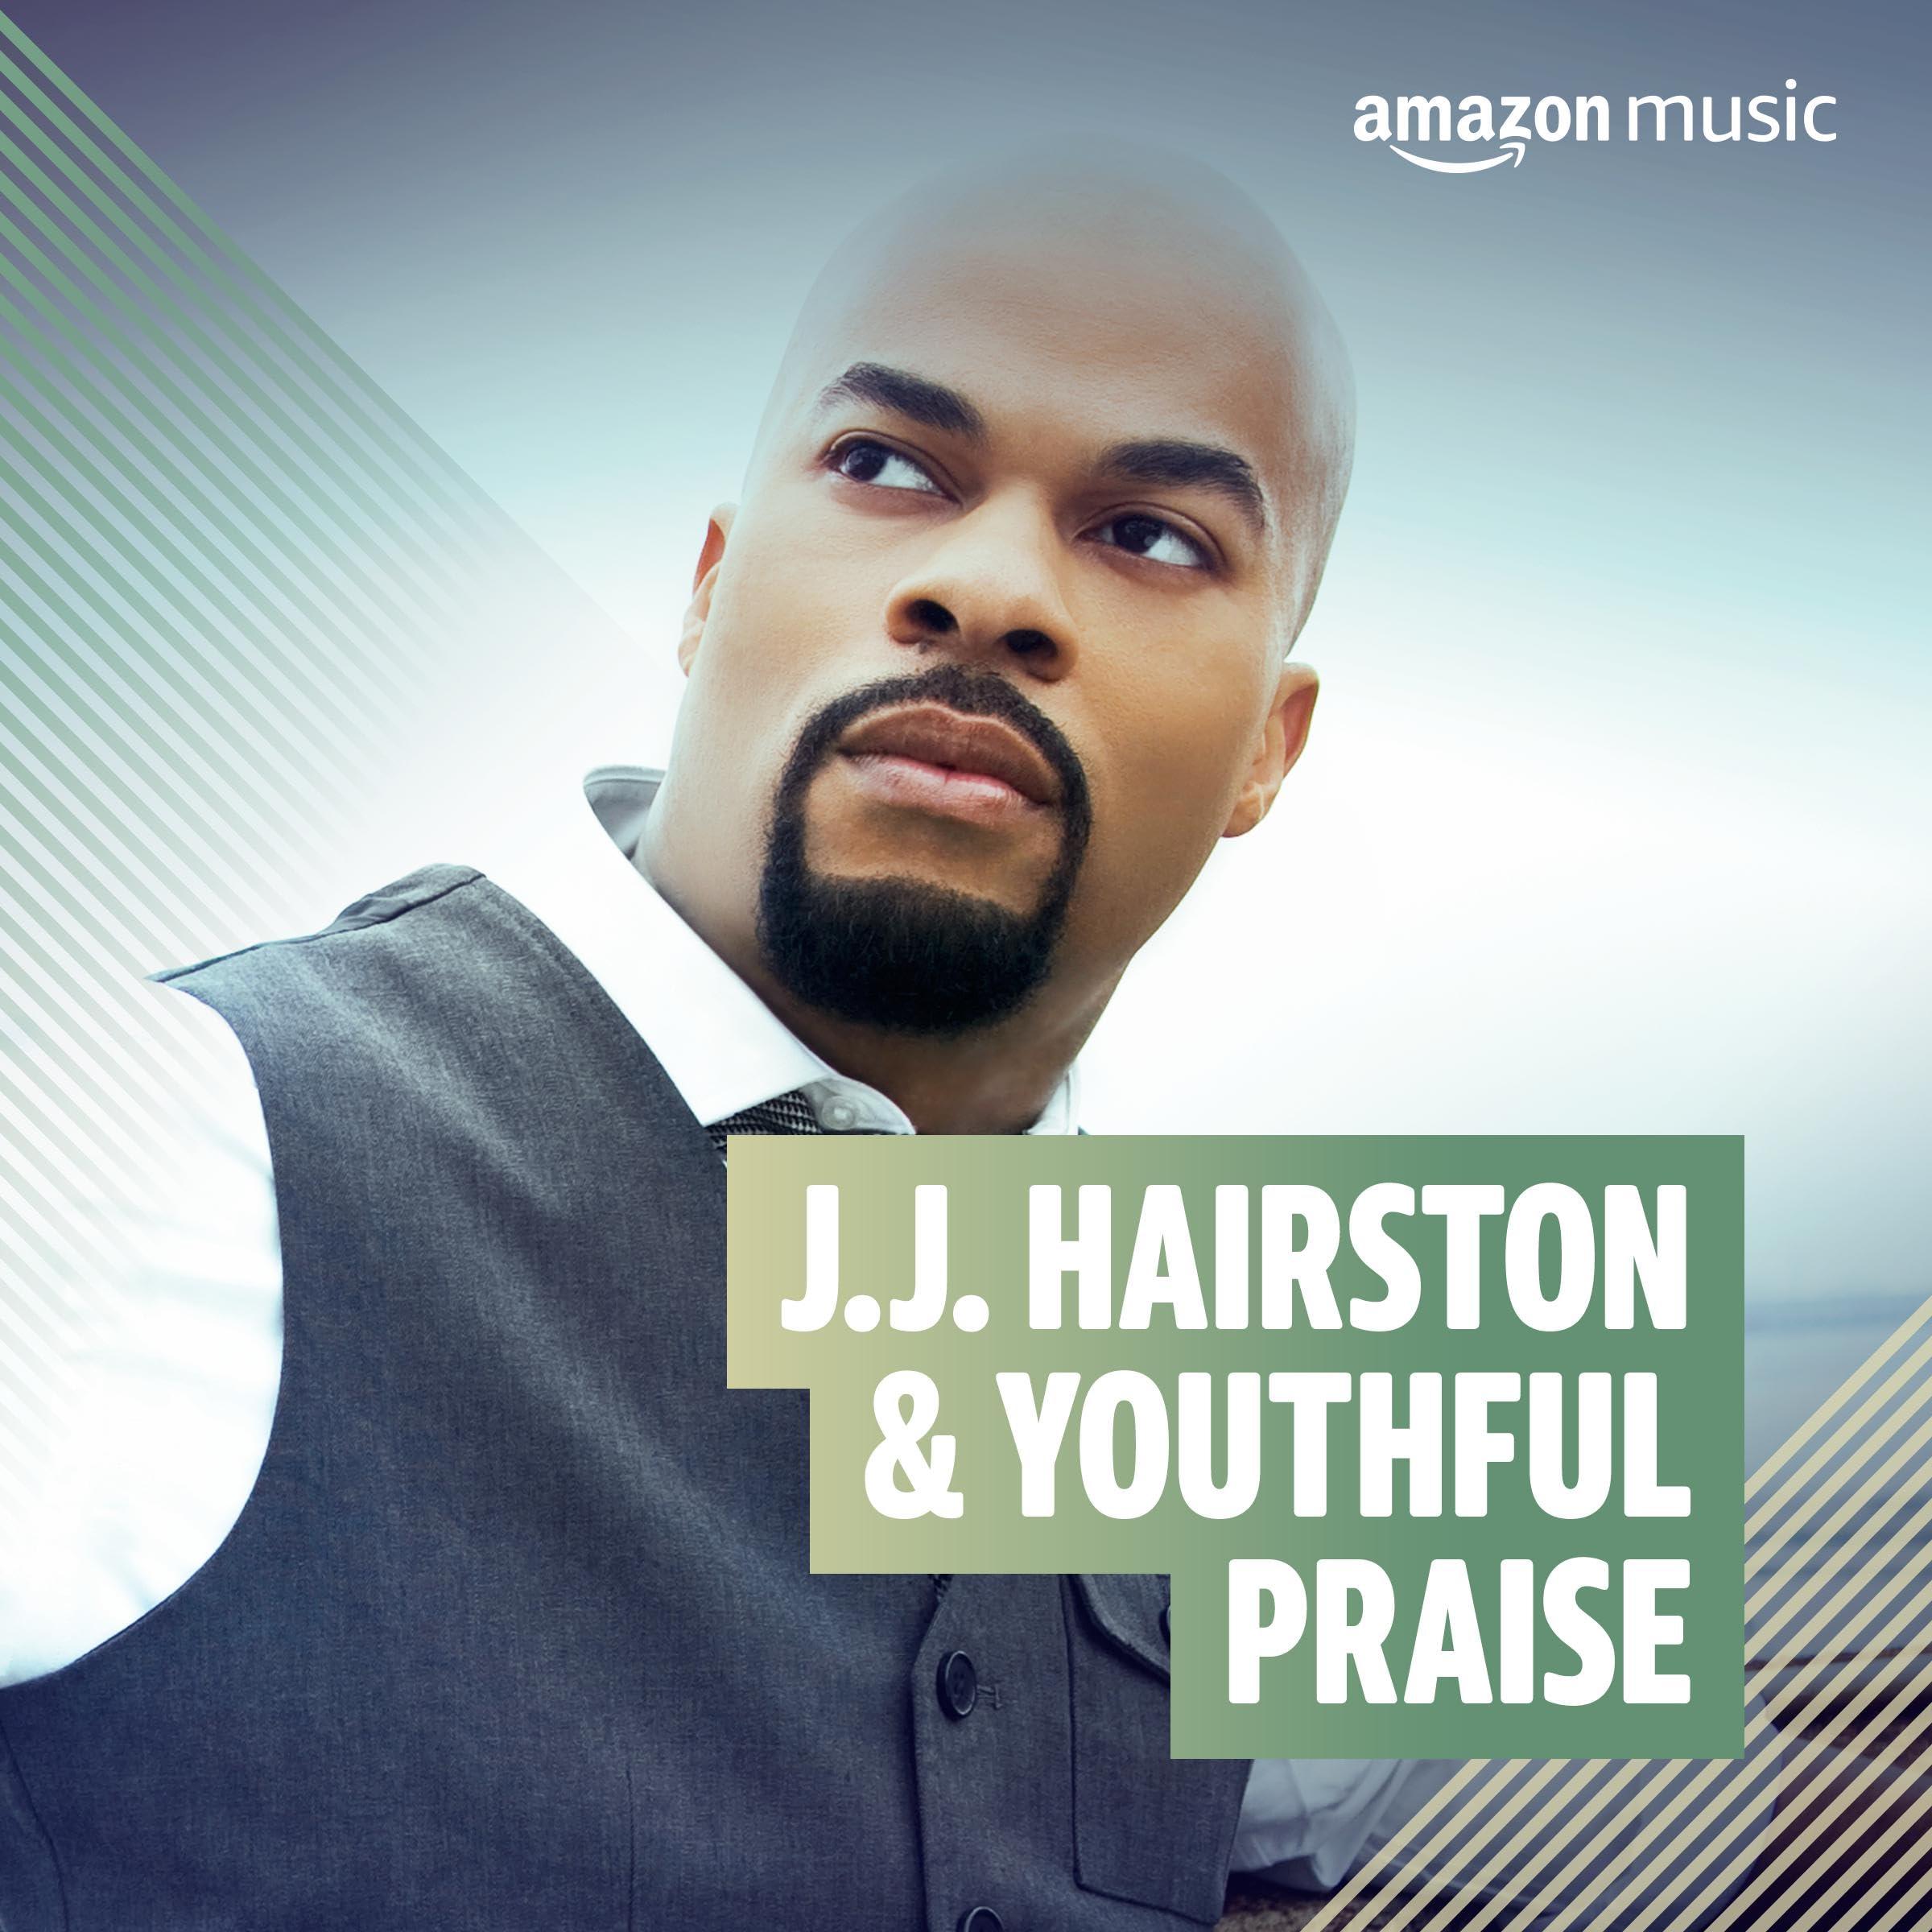 J.J. Hairston & Youthful Praise